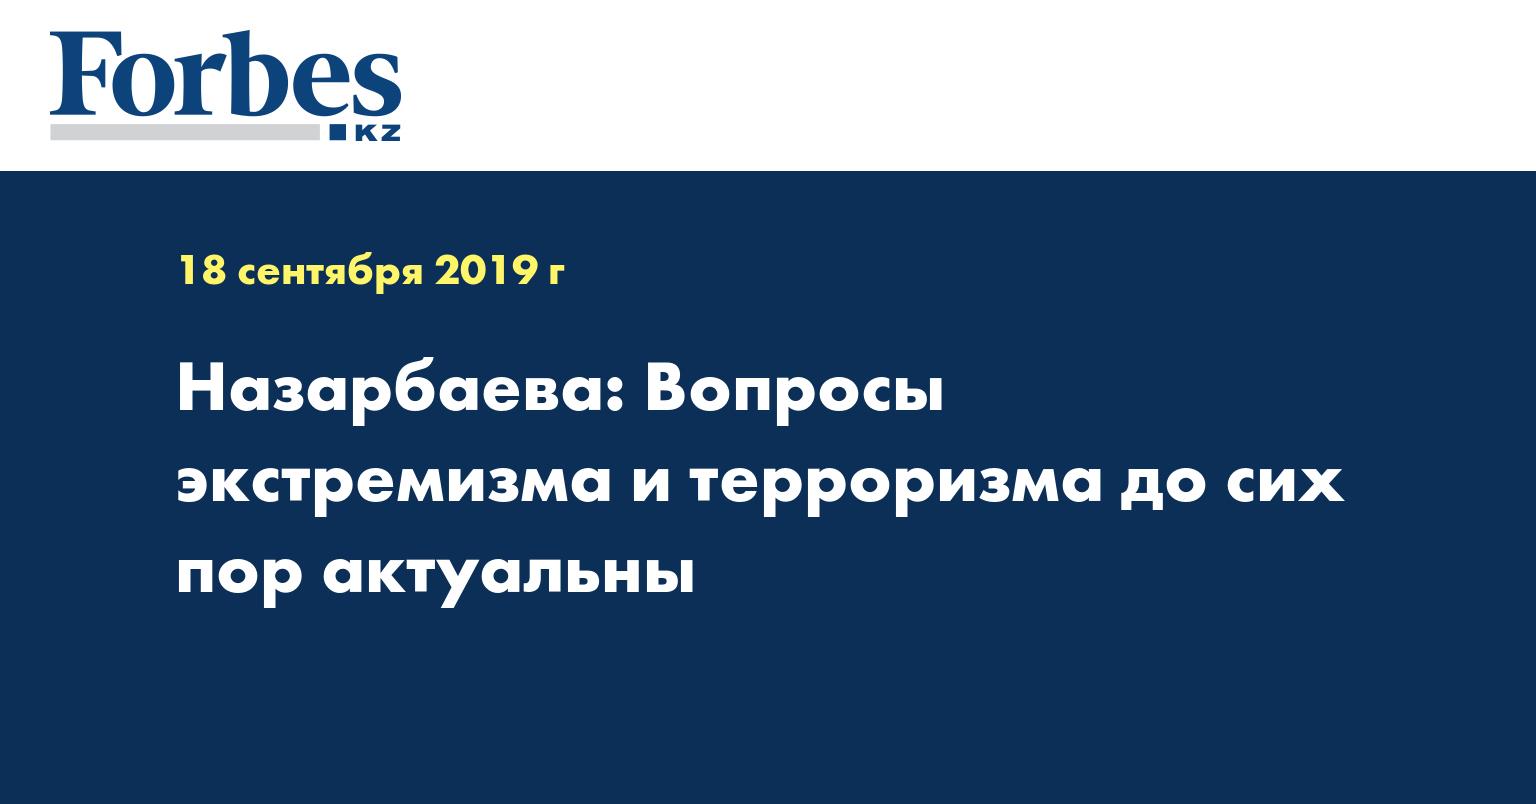 Назарбаева: Вопросы экстремизма и терроризма до сих пор актуальны